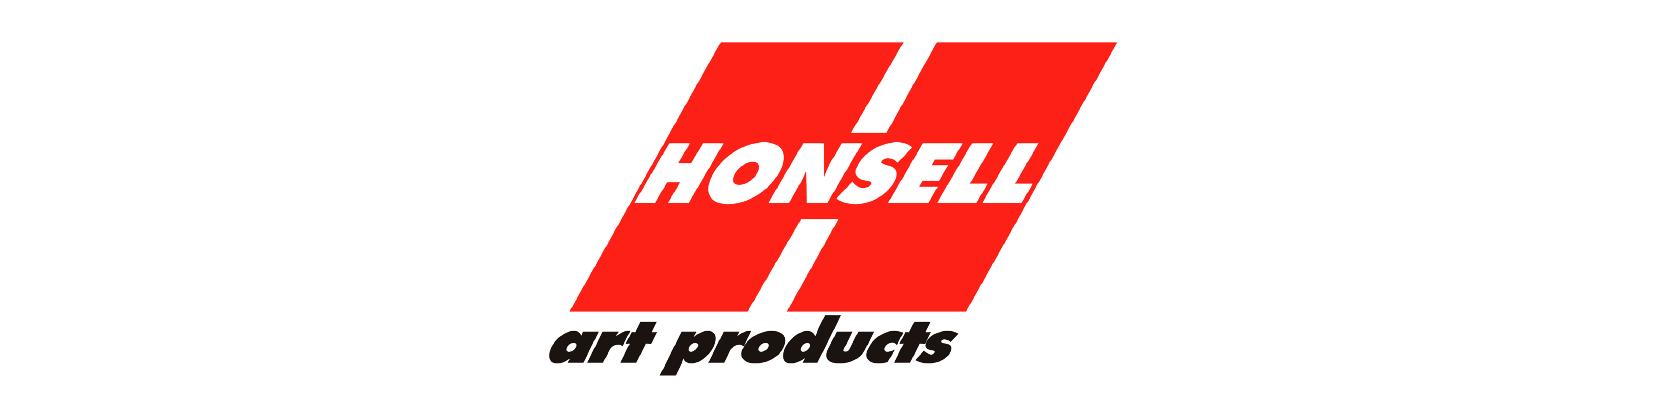 honsell Logo - Lieferant unseres Bastelladen in Lohne